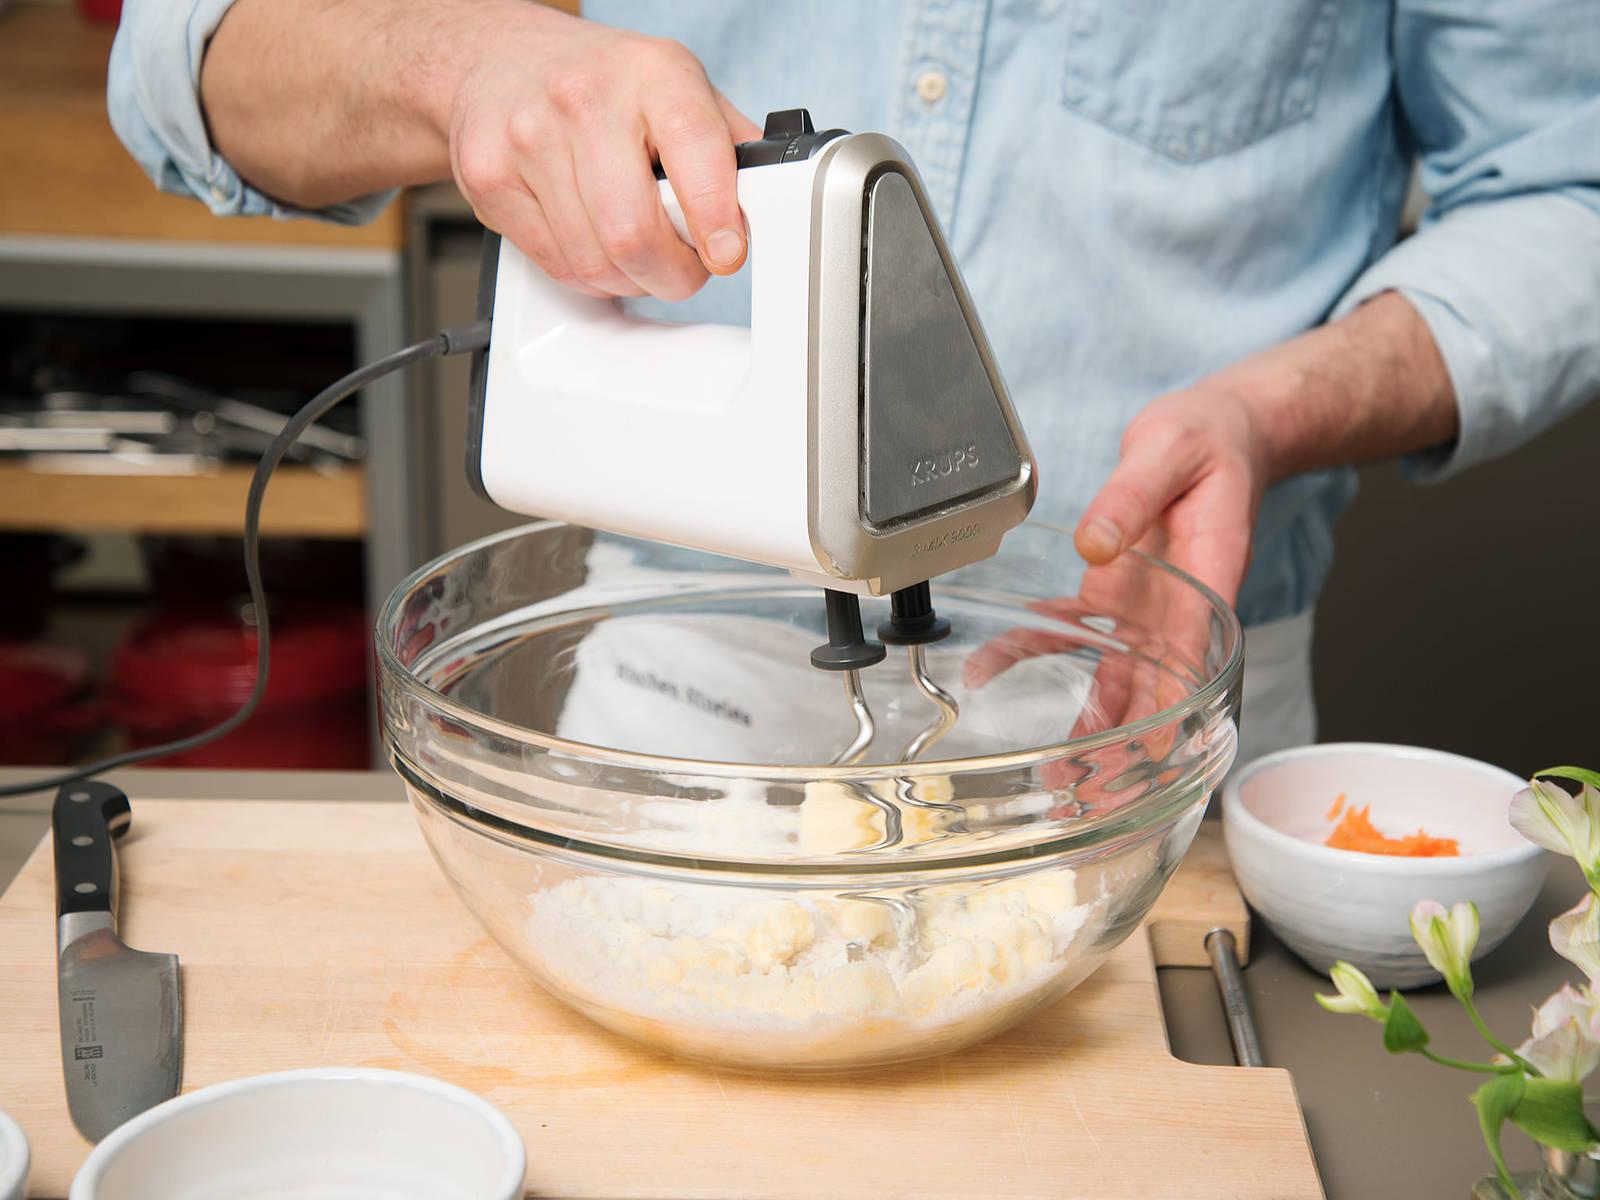 Weiche Butter, restlichen Zucker und einen Teil des Salzes in einer Schüssel vermengen. Eigelbe, Mehl, gemahlene Mandeln, geraspelte Karotte, Backpulver, Zimt, einen Teil des Zitronensafts und gemahlene Kurkuma dazugeben und zu einem glatten Teig vermengen. Zum Schluss Eischnee vorsichtig unterheben.